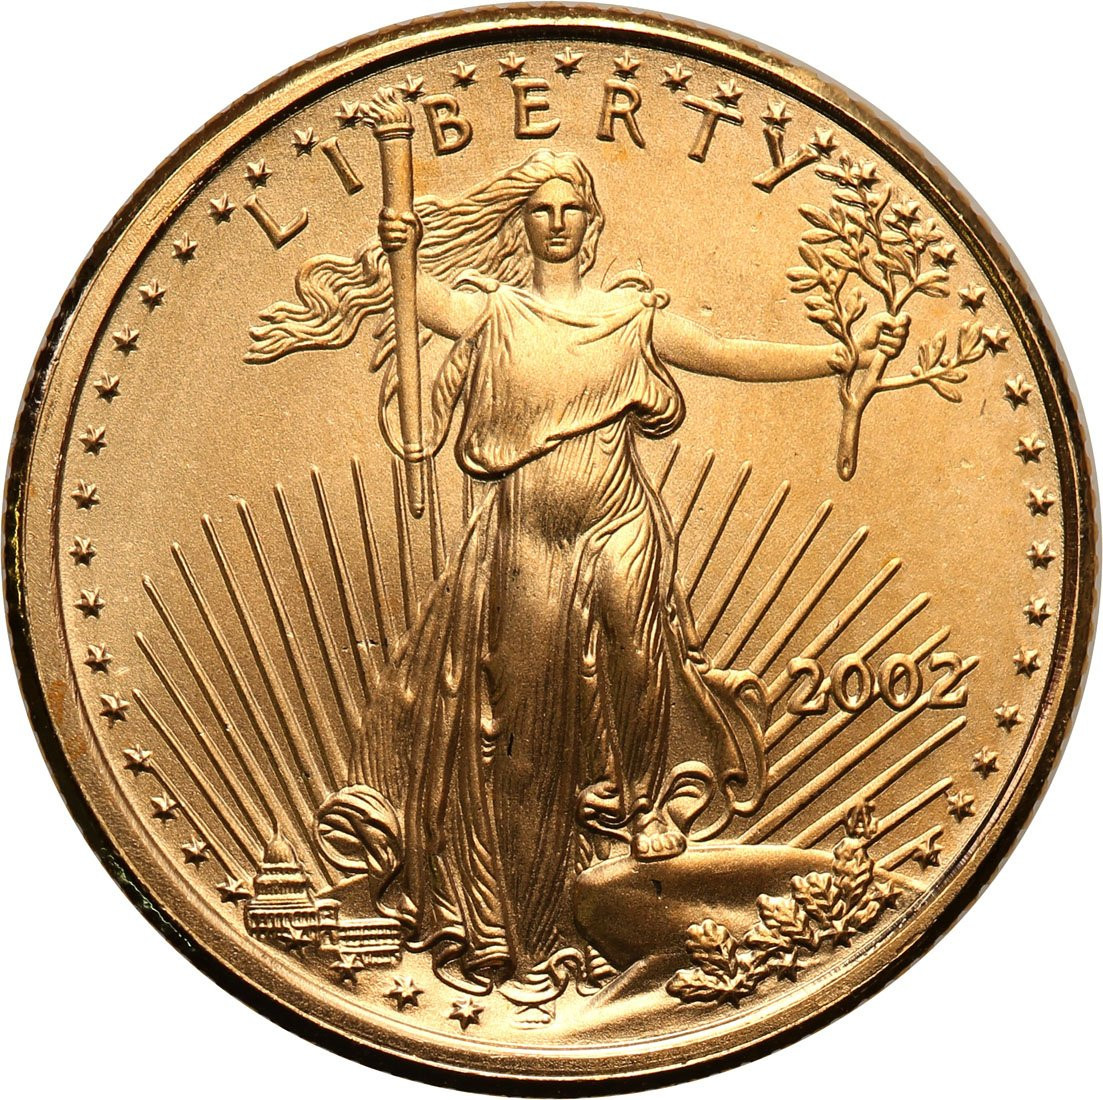 USA 5 $ dolarów 2002 (1/10 uncji złota)